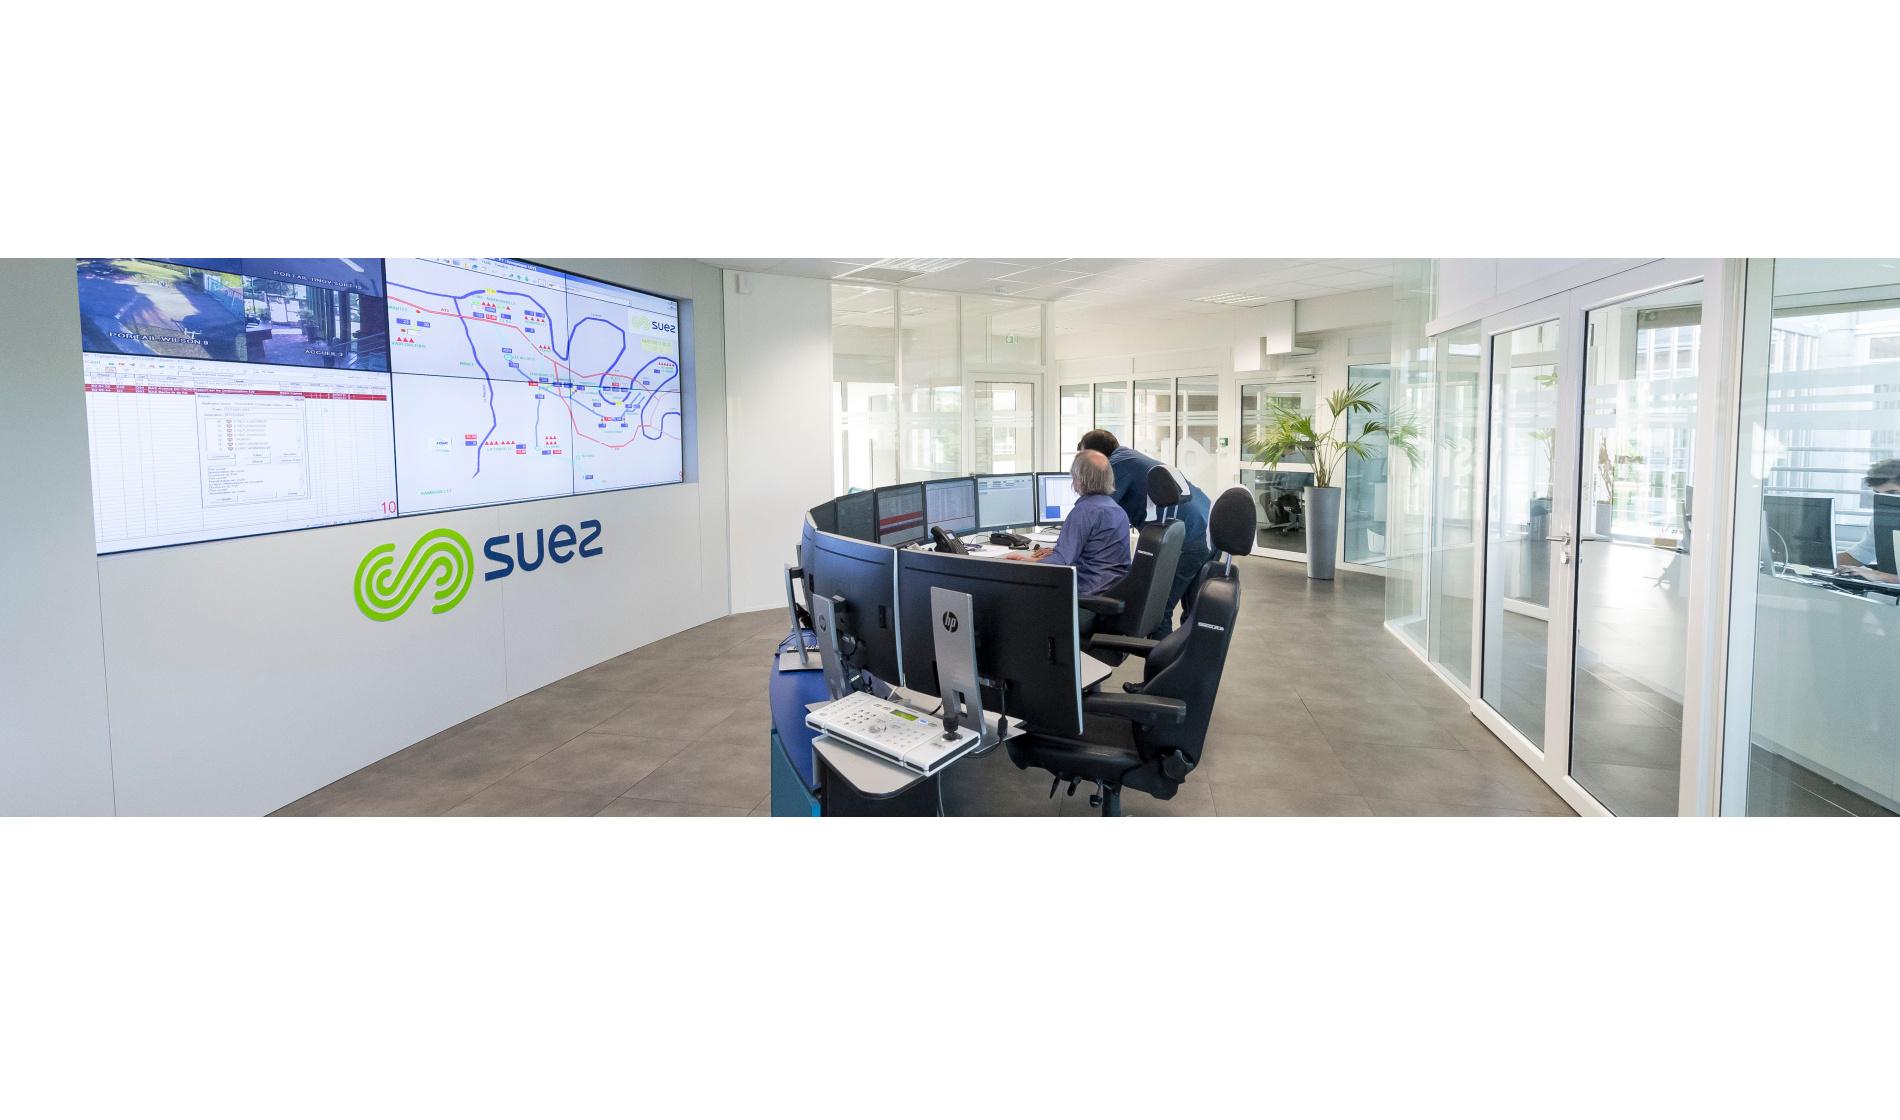 suez_289449 banner